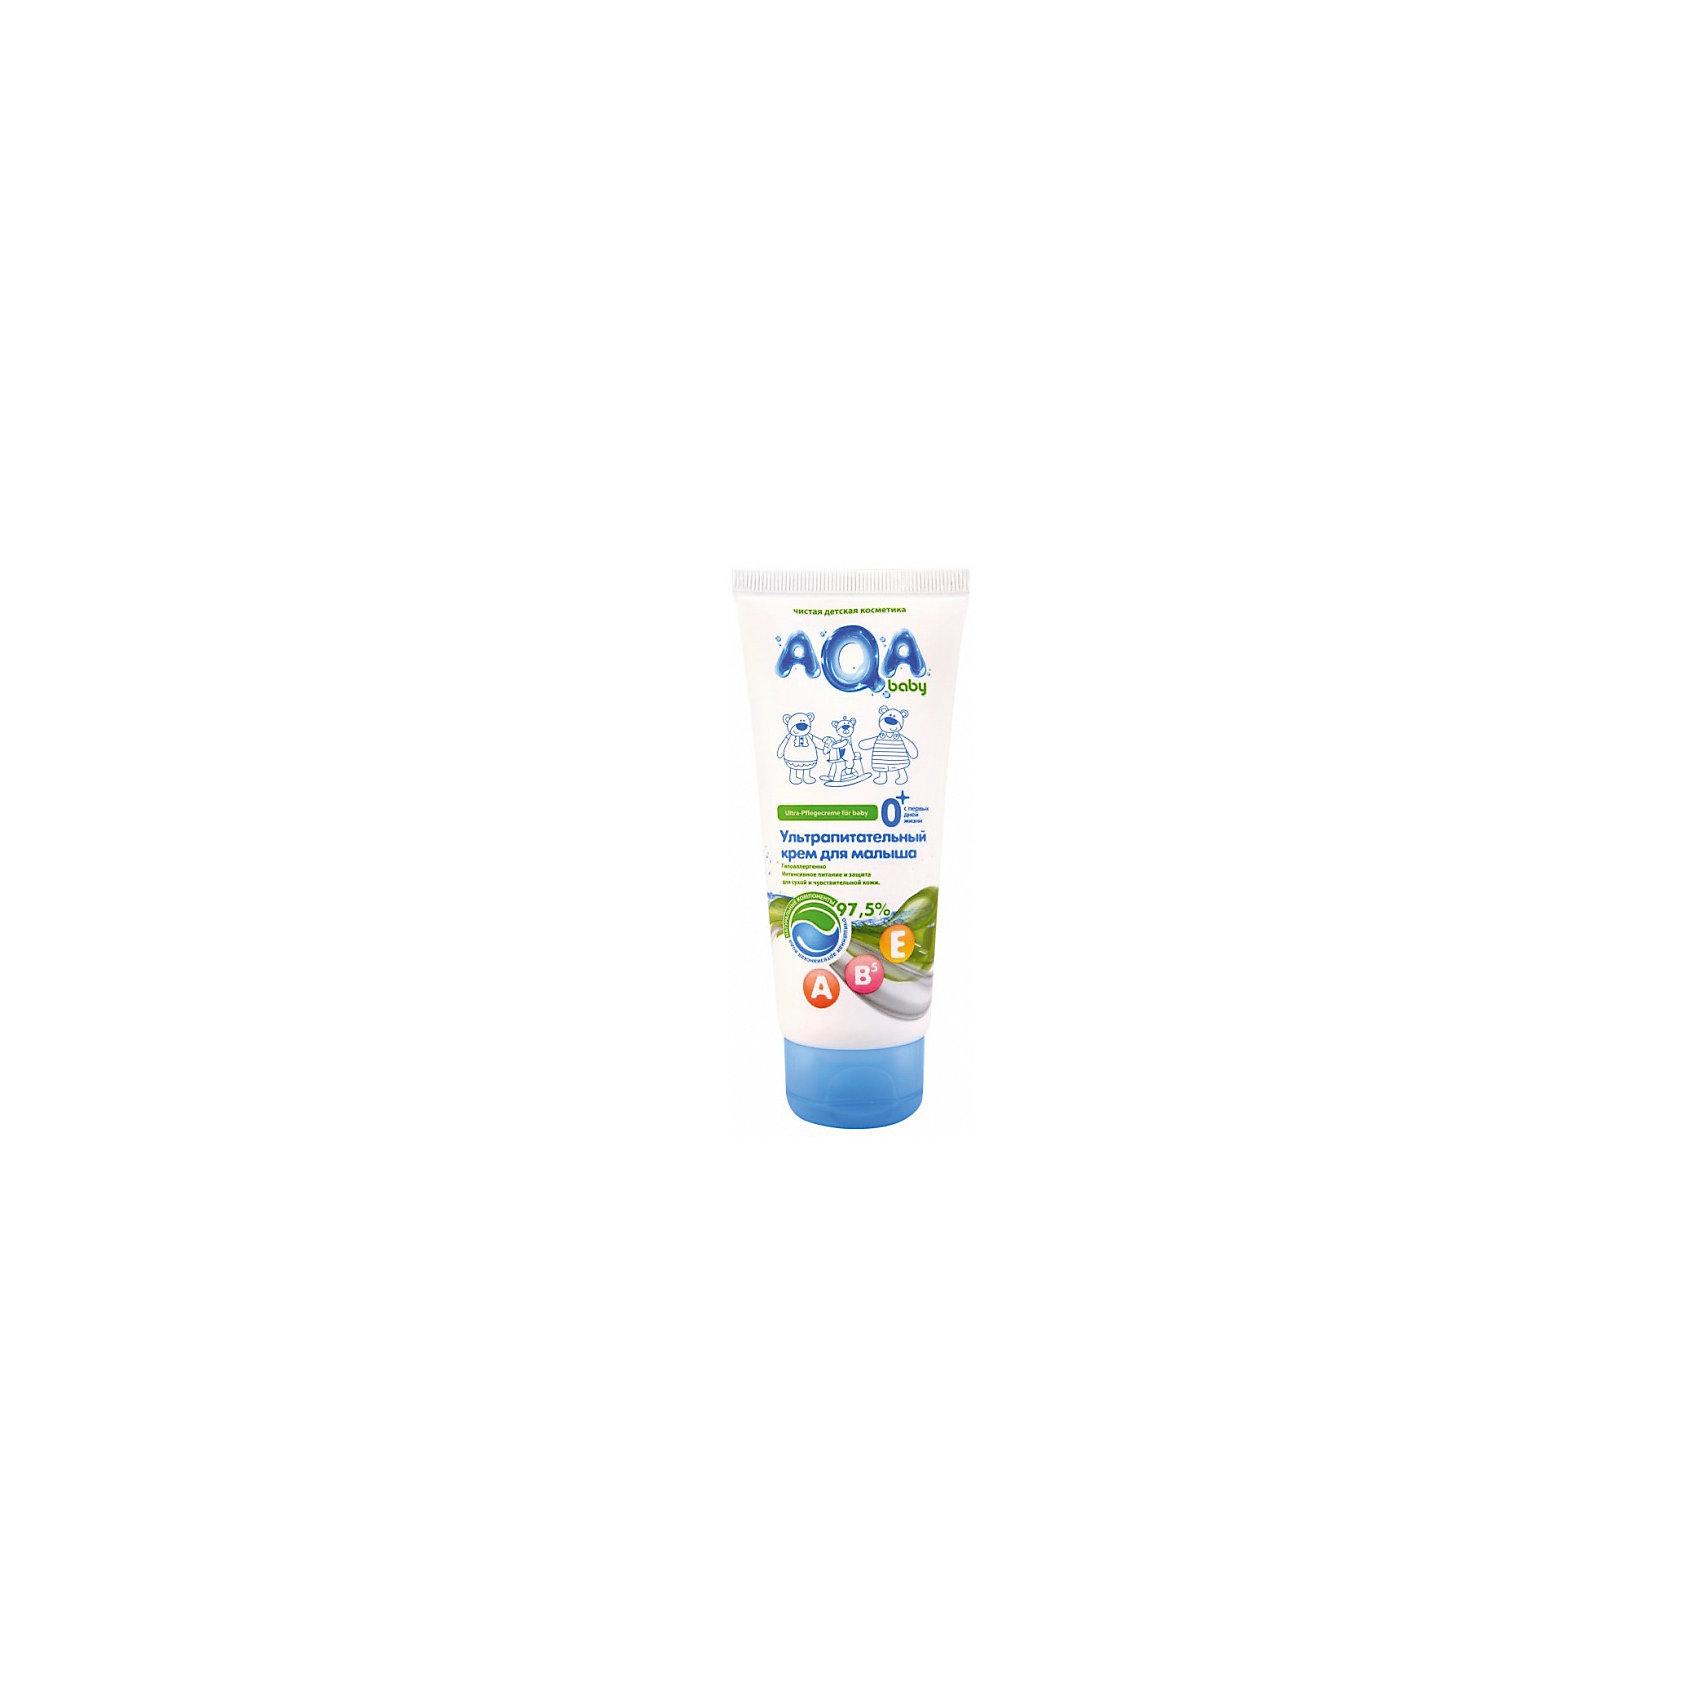 Ультрапитательный крем для малыша, AQA babyКосметика для младнецев<br>БЕЗ: парабенов, феноксиэтанола, минерального масла, силиконов, галогенопроизводных компонентов. 97,5% компонентов имеют сертификаты ECOCERT или COSMOS<br>Мягкая формула крема создана для интенсивного питания, увлажнения и защиты сухой, раздраженной и чувствительной кожи<br>Содержит натуральные масла подсолнечника, витамины А Е В5 и пантенол<br>Не нарушает кожного дыхания<br>БЕЗ: парабенов, феноксиэтанола, минерального масла, силиконов, галогенопроизводных компонентов<br>Гипоаллергенно<br>Объём: 100 мл<br><br>Ширина мм: 143<br>Глубина мм: 500<br>Высота мм: 60<br>Вес г: 70<br>Возраст от месяцев: 0<br>Возраст до месяцев: 36<br>Пол: Унисекс<br>Возраст: Детский<br>SKU: 4729824